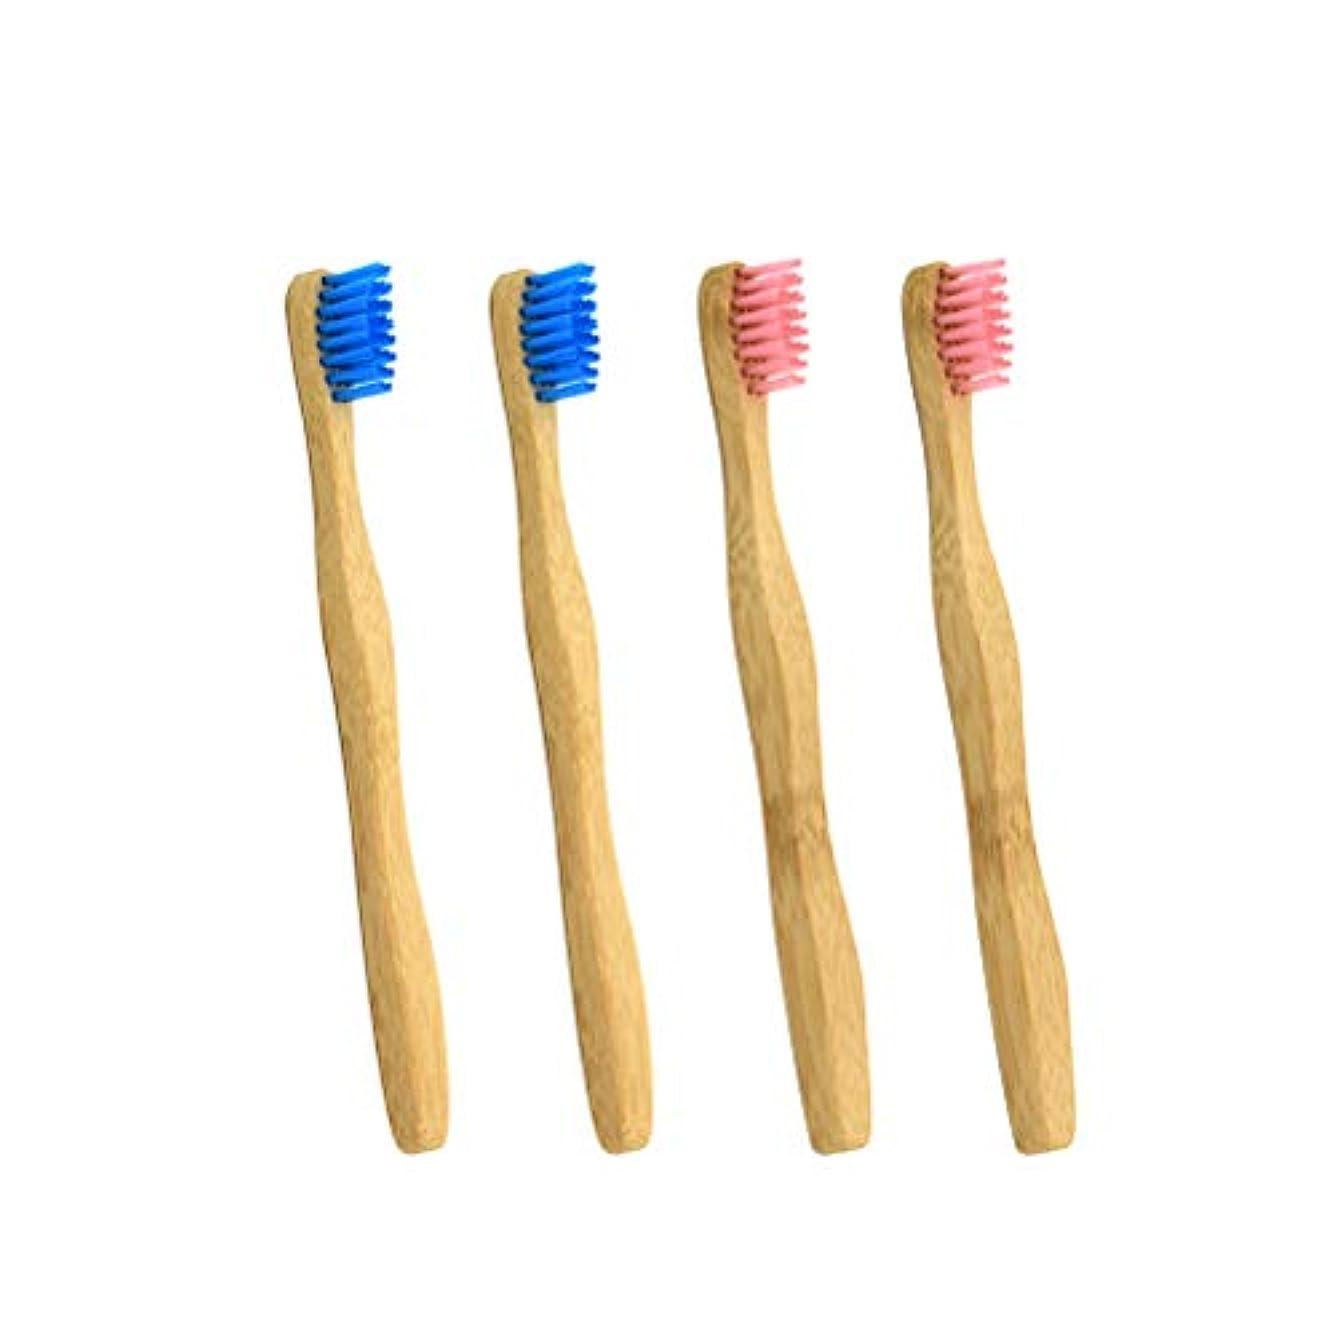 合併症つかまえる東SUPVOX 4本の子供の竹の歯ブラシ生分解性エコフレンドリーな歯ブラシ(ピンクとブルー各2本)